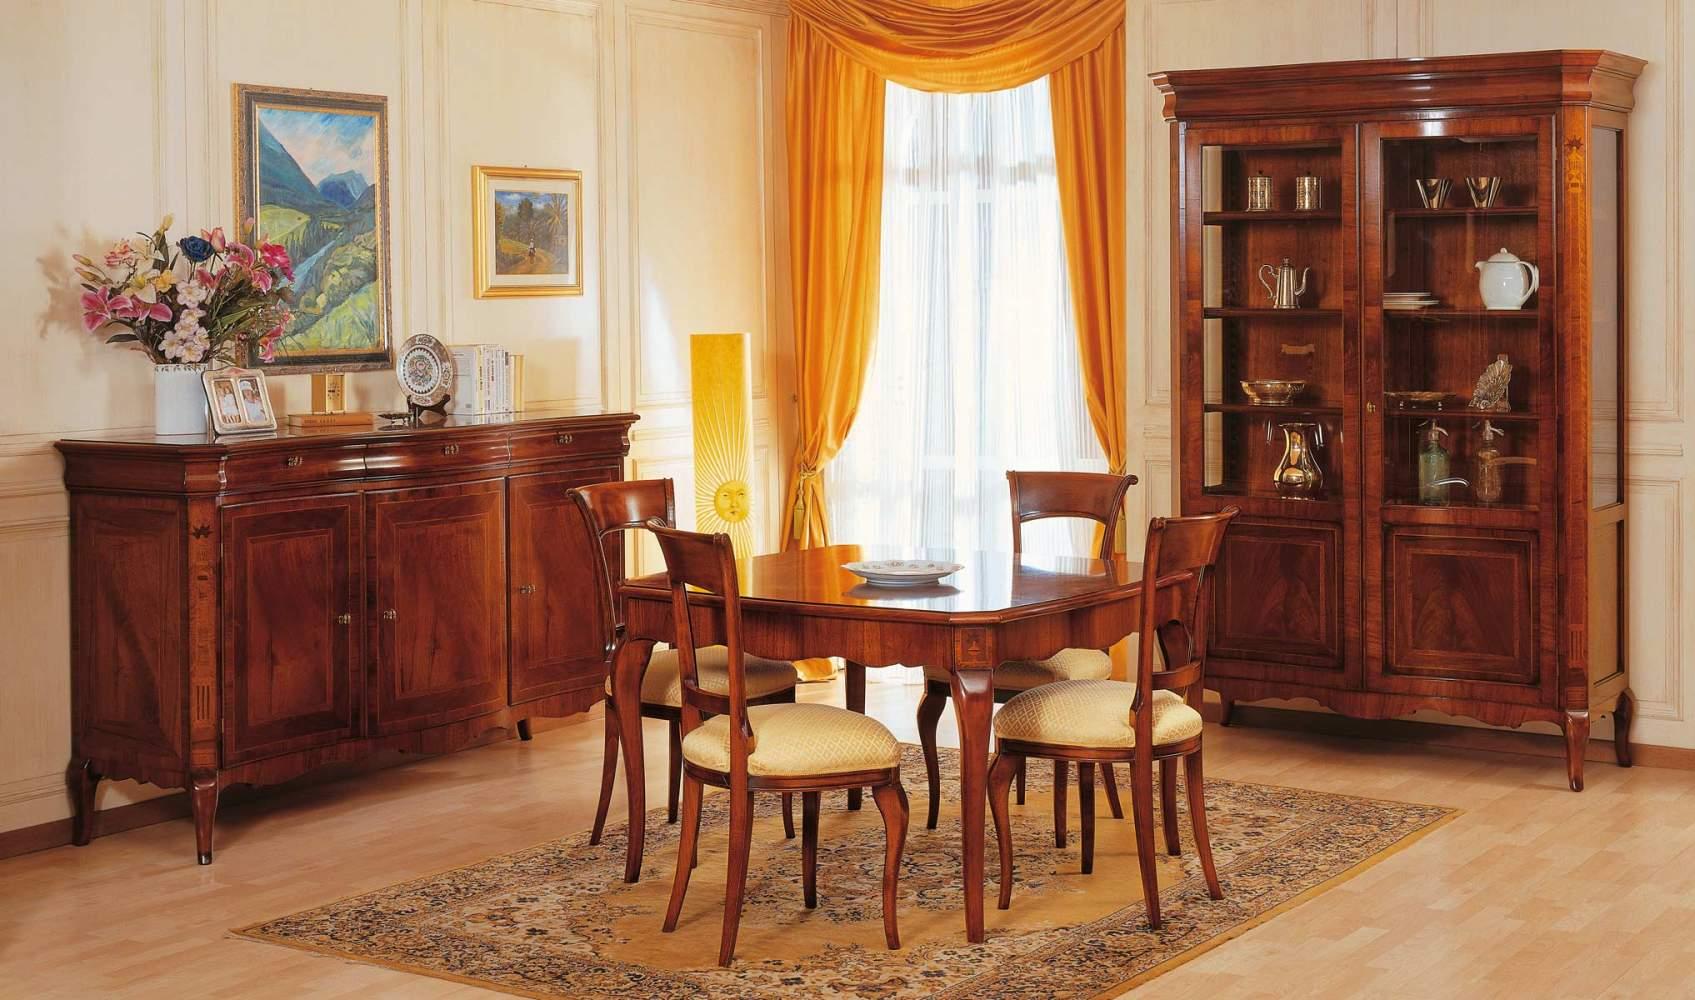 Sedie 800 Francese : Sala da pranzo in stile francese vimercati meda